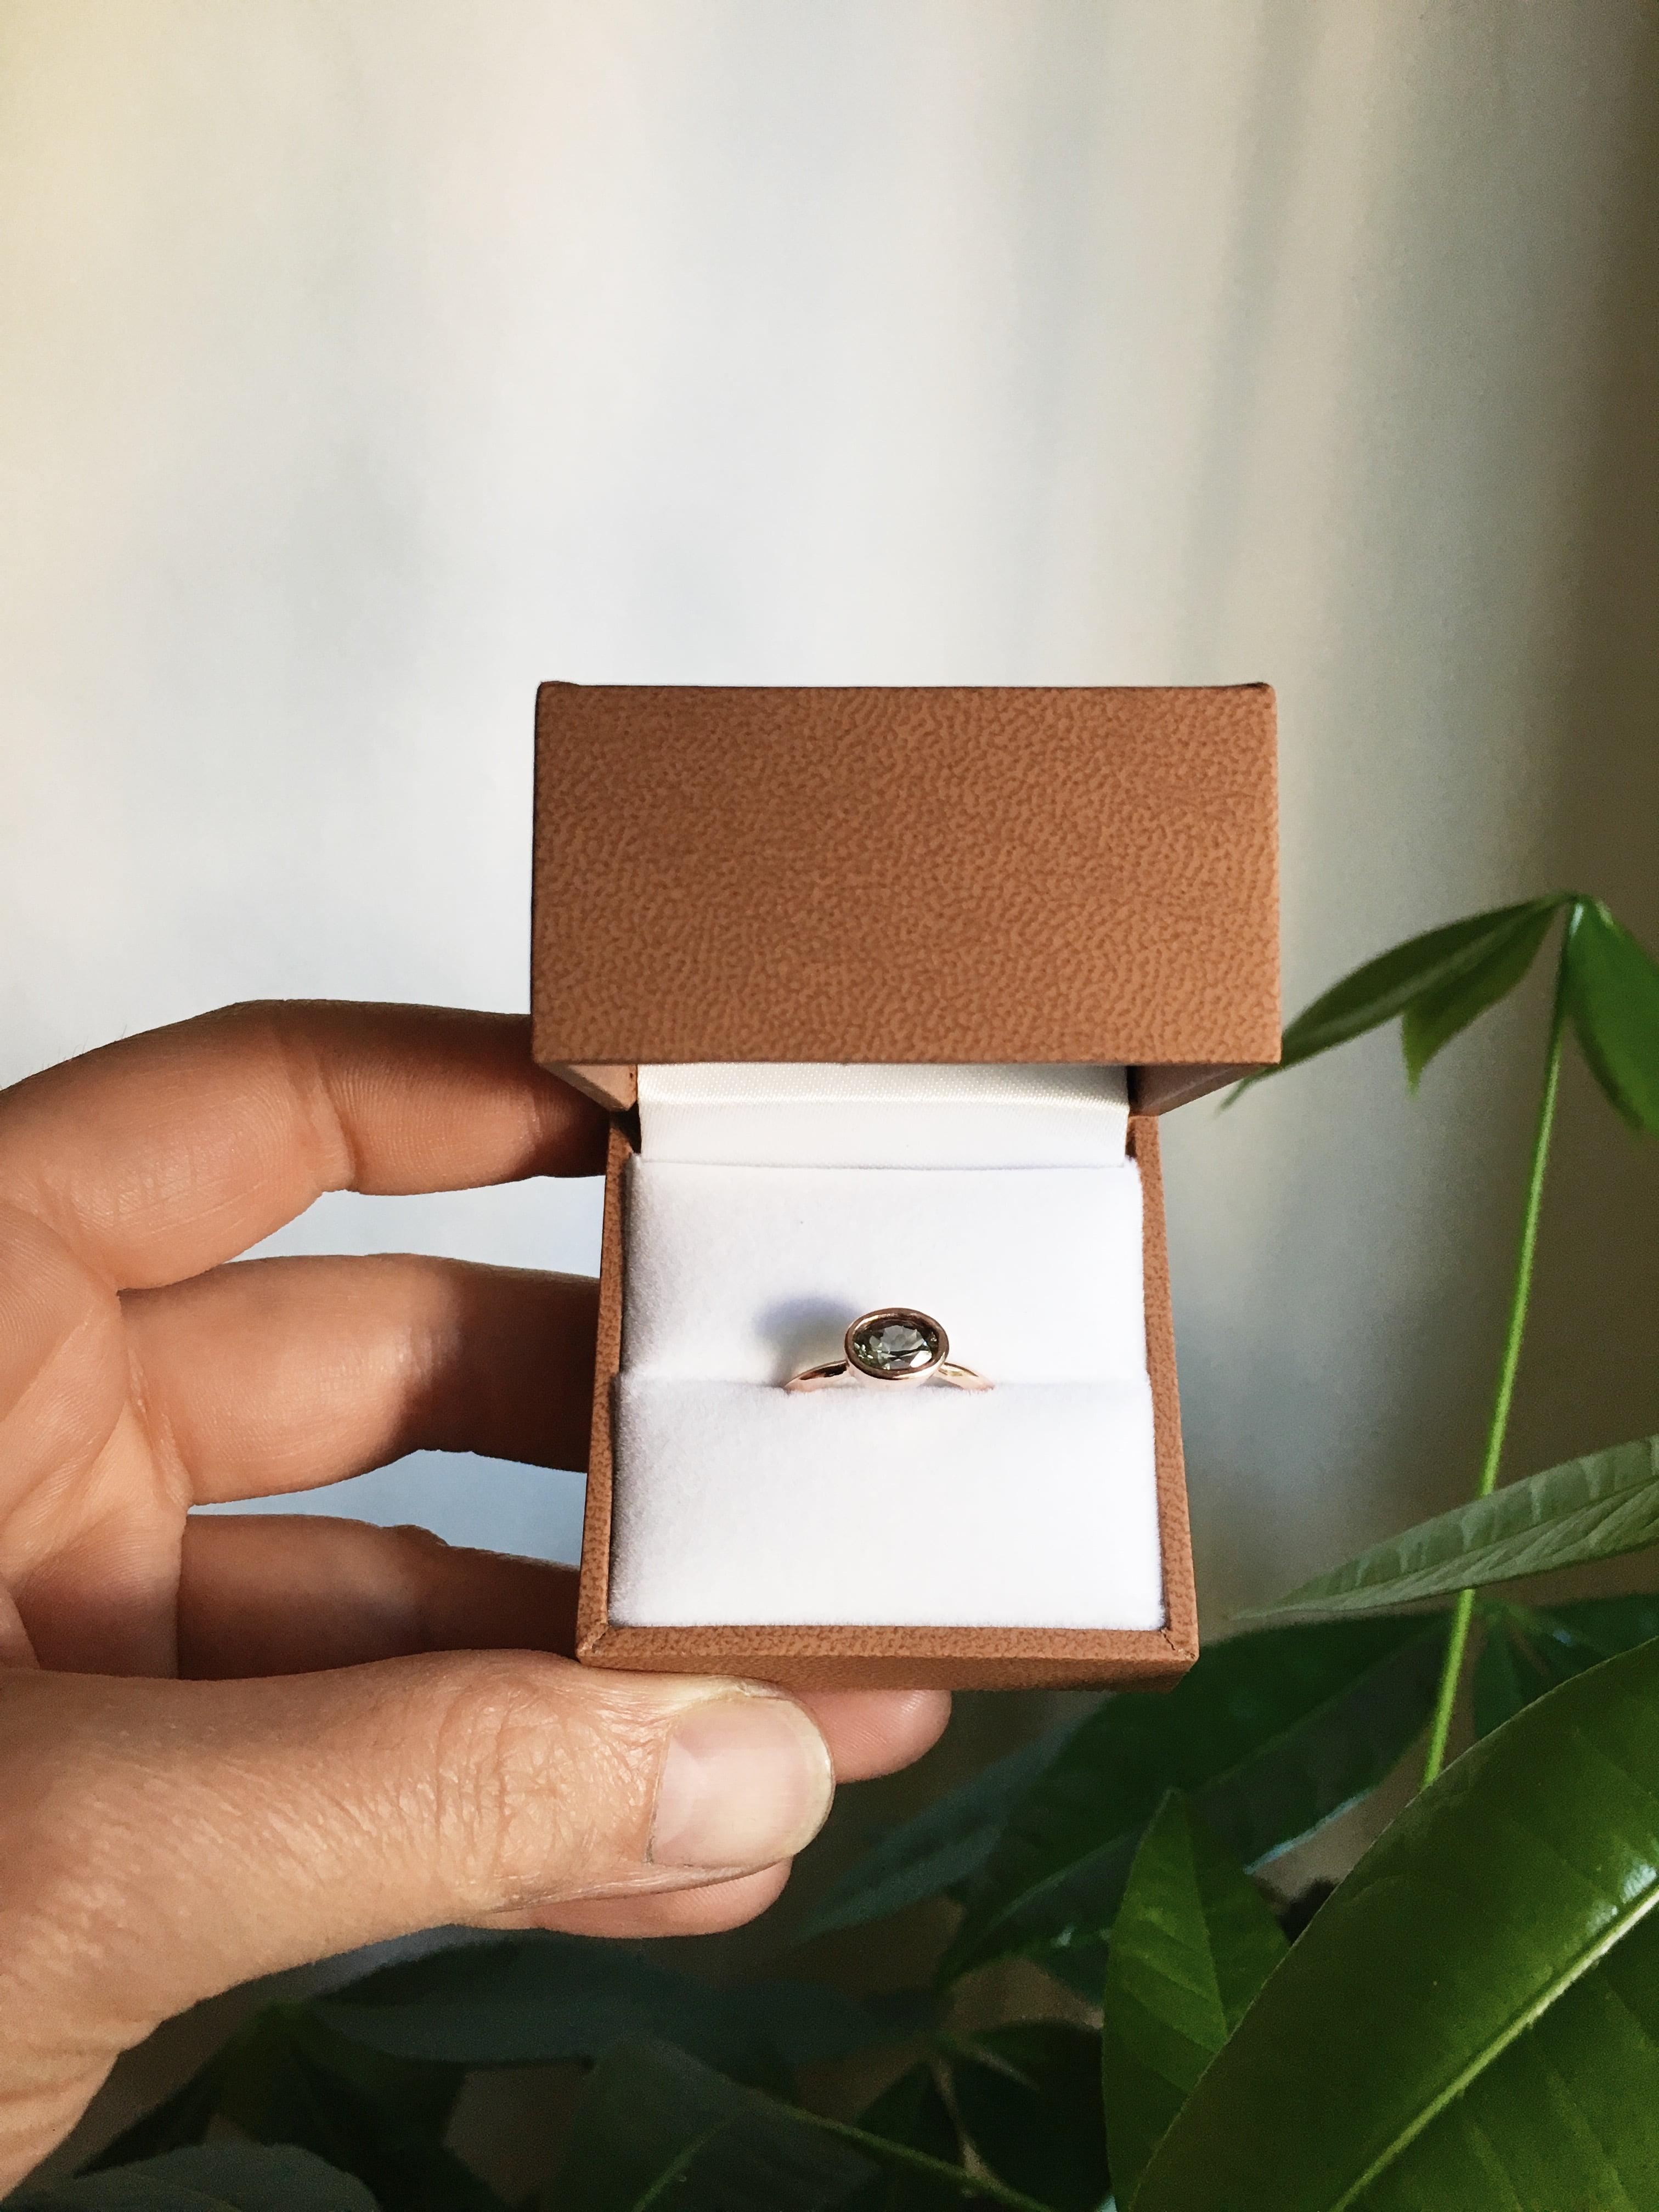 Oval Blue Oregon sunstone rose gold engagement ring